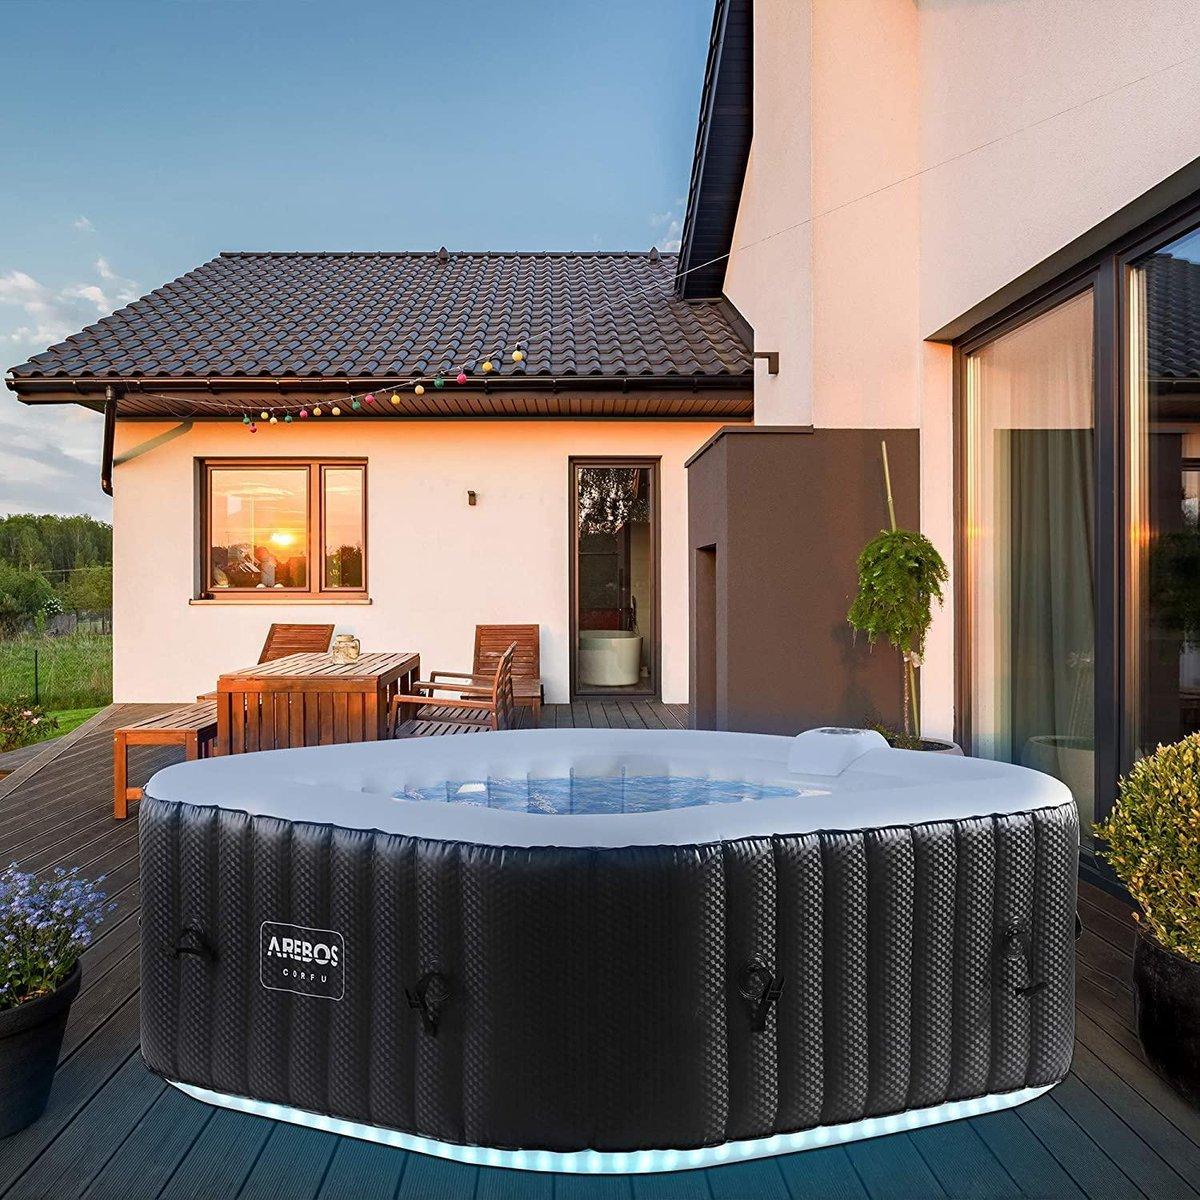 |bubbelbad|jacuzzi opblaasbaar|jacuzzi|Whirlpool CORFU met LED-verlichting | 6 kleuren | opblaasbaar | vierkant | binnen en buiten | 4 personen | 100 massagejets | met verwarming | 600 l liter | incl. afdekking | Bubble Spa & Wellness Massage